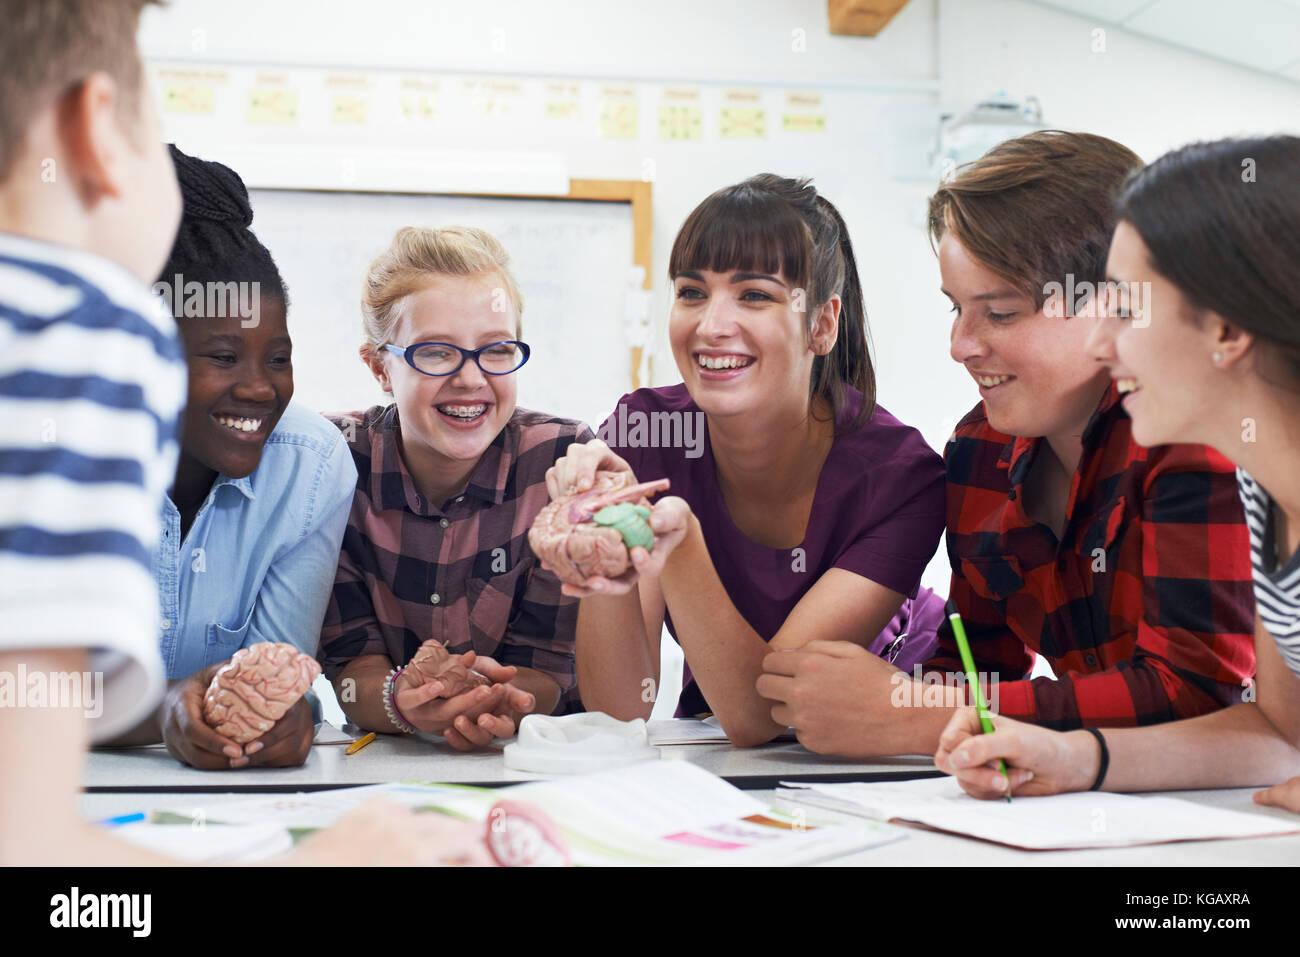 Jugendliche und Schüler mit Lehrer im Biologieunterricht Stockbild